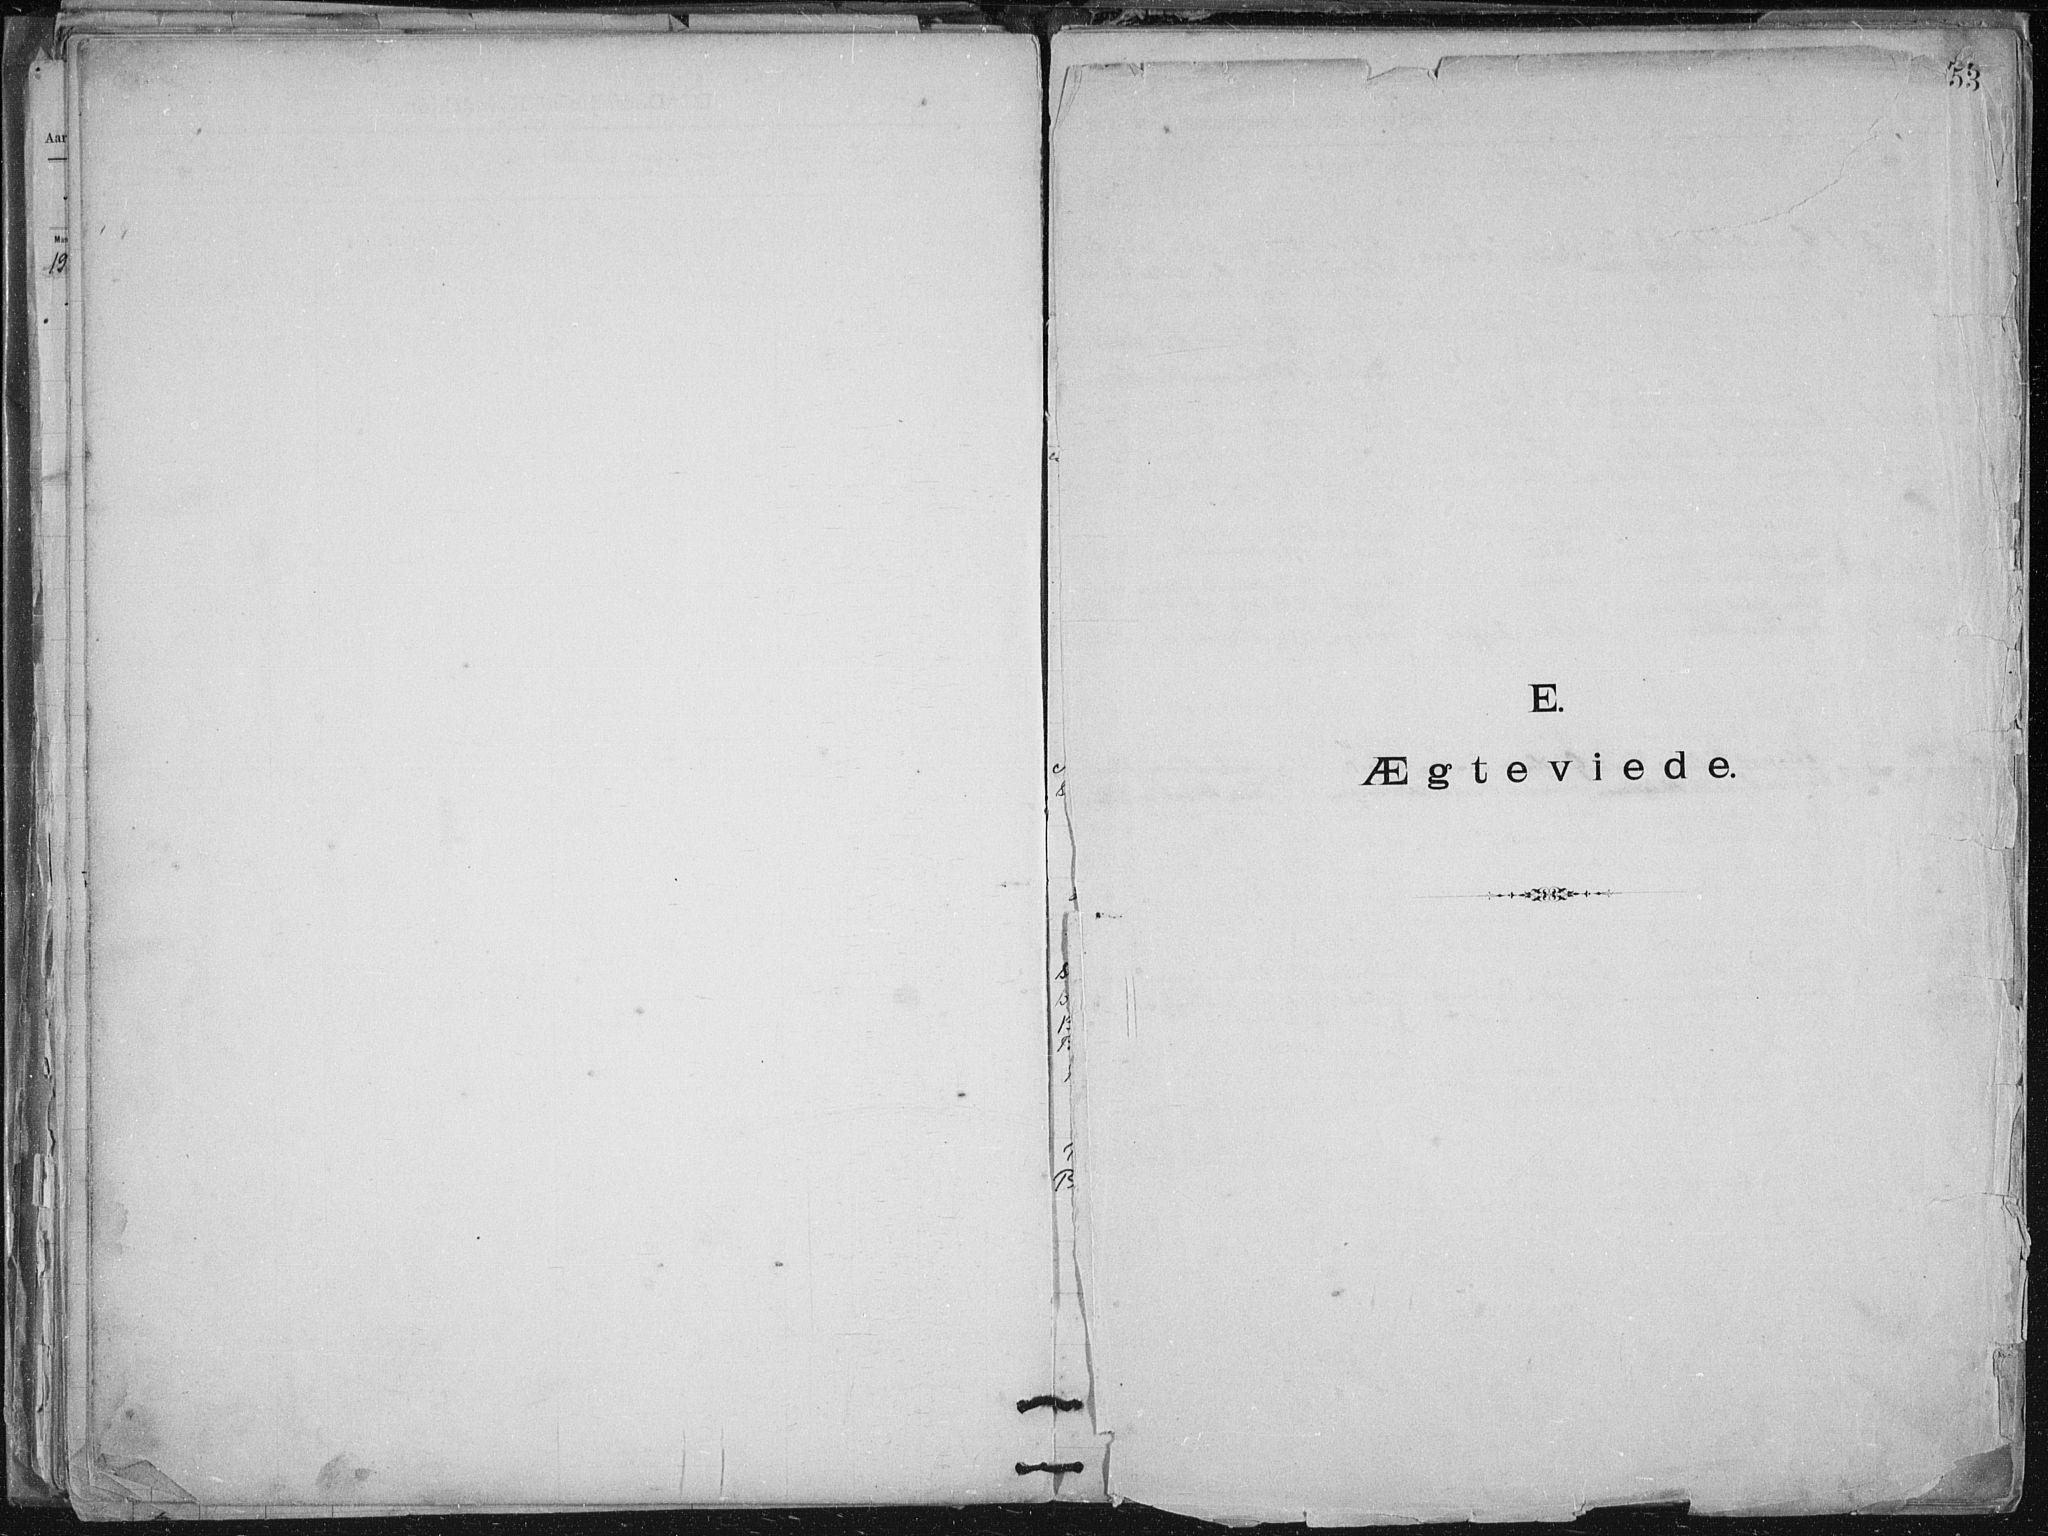 SATØ, Aune baptistmenighet, F/L0006DP: Dissenterprotokoll nr. 6, 1887-1939, s. 53